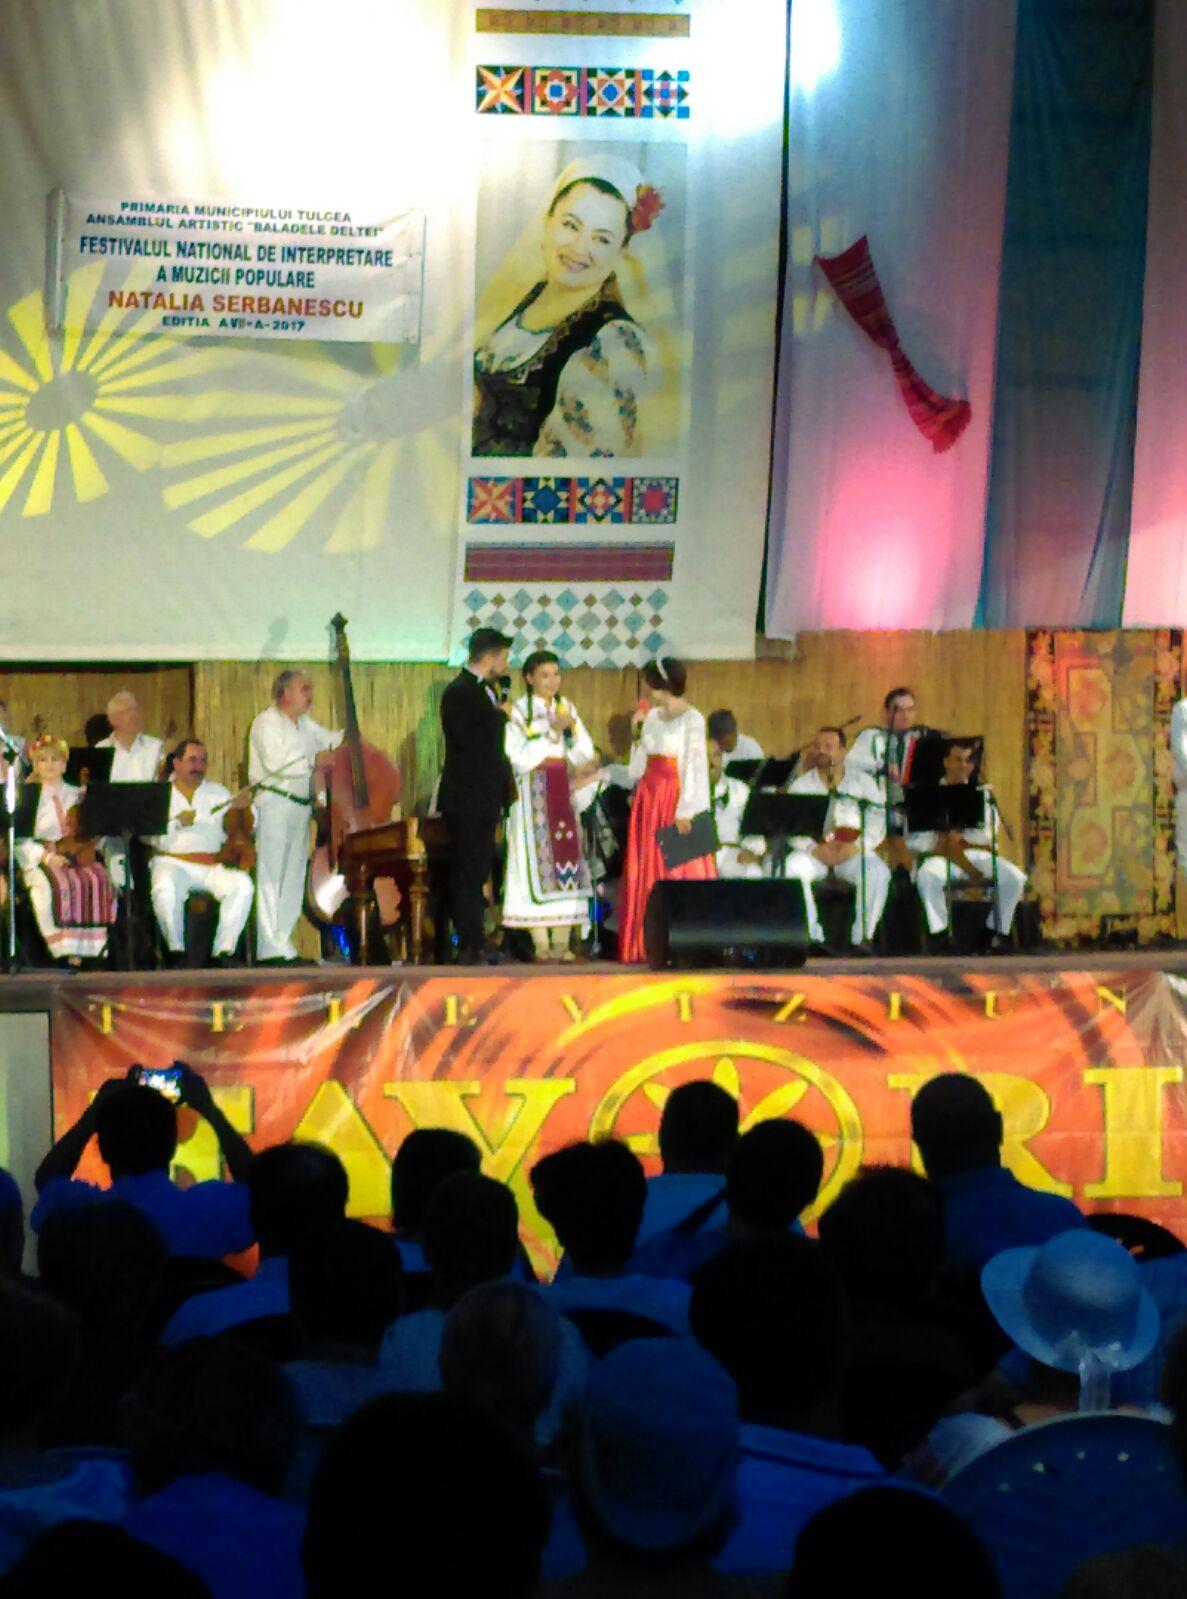 """Festivalul-Concurs naţional de interpretare a muzicii populare  """"Natalia Şerbănescu"""" îşi deschide porţile la Tulcea"""